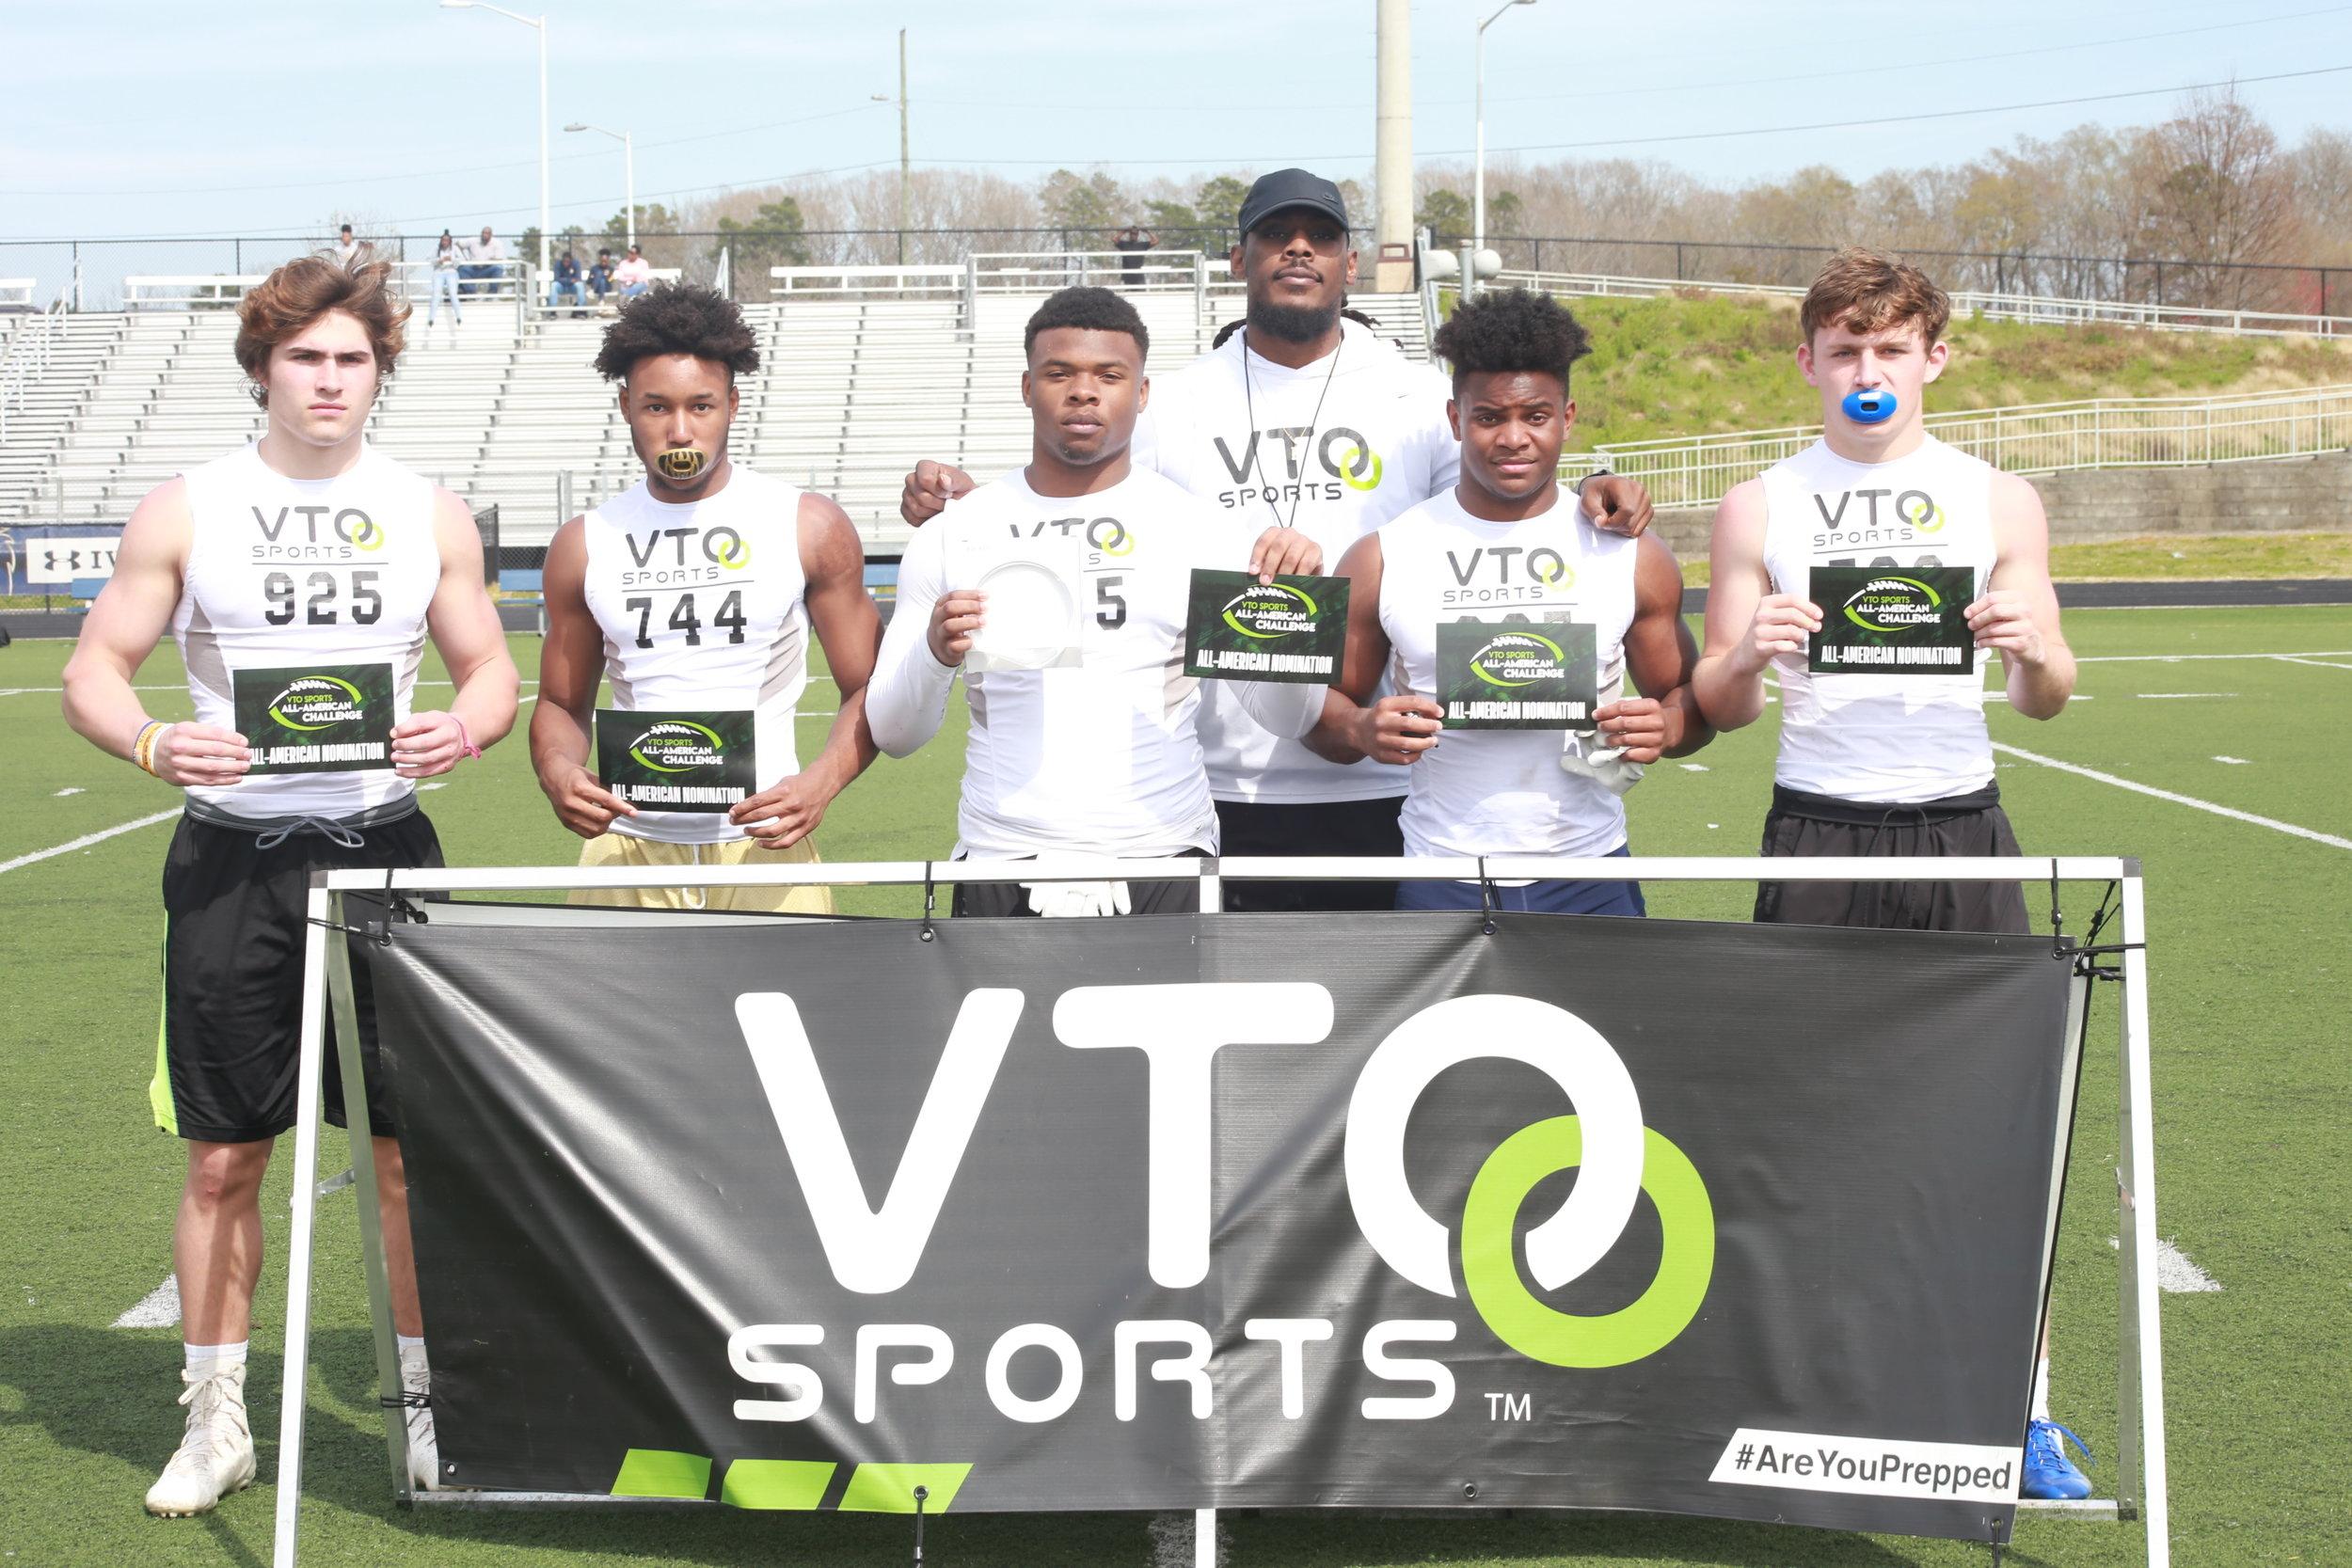 VTO Elite 100 Running Backs